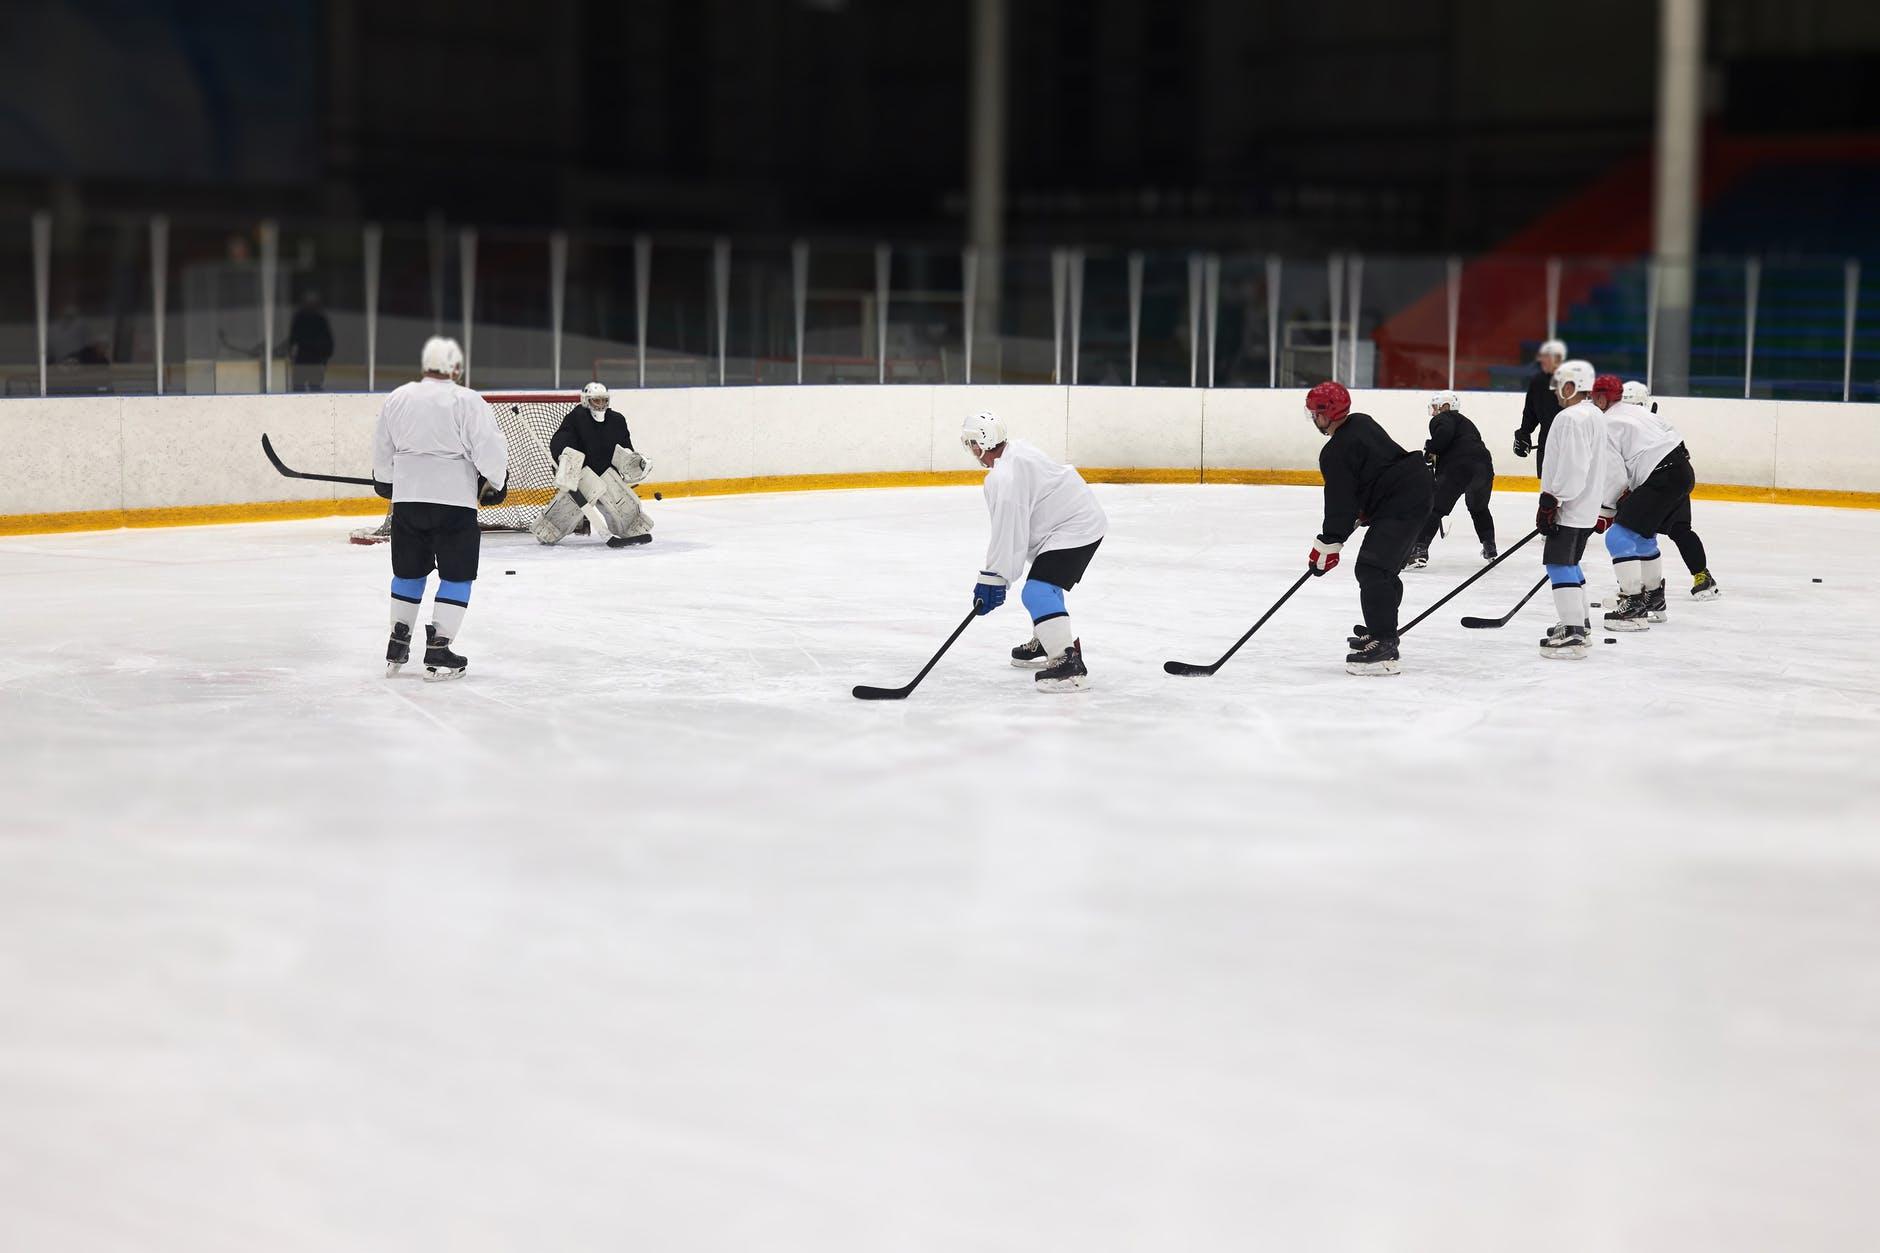 olahraga musim dingin